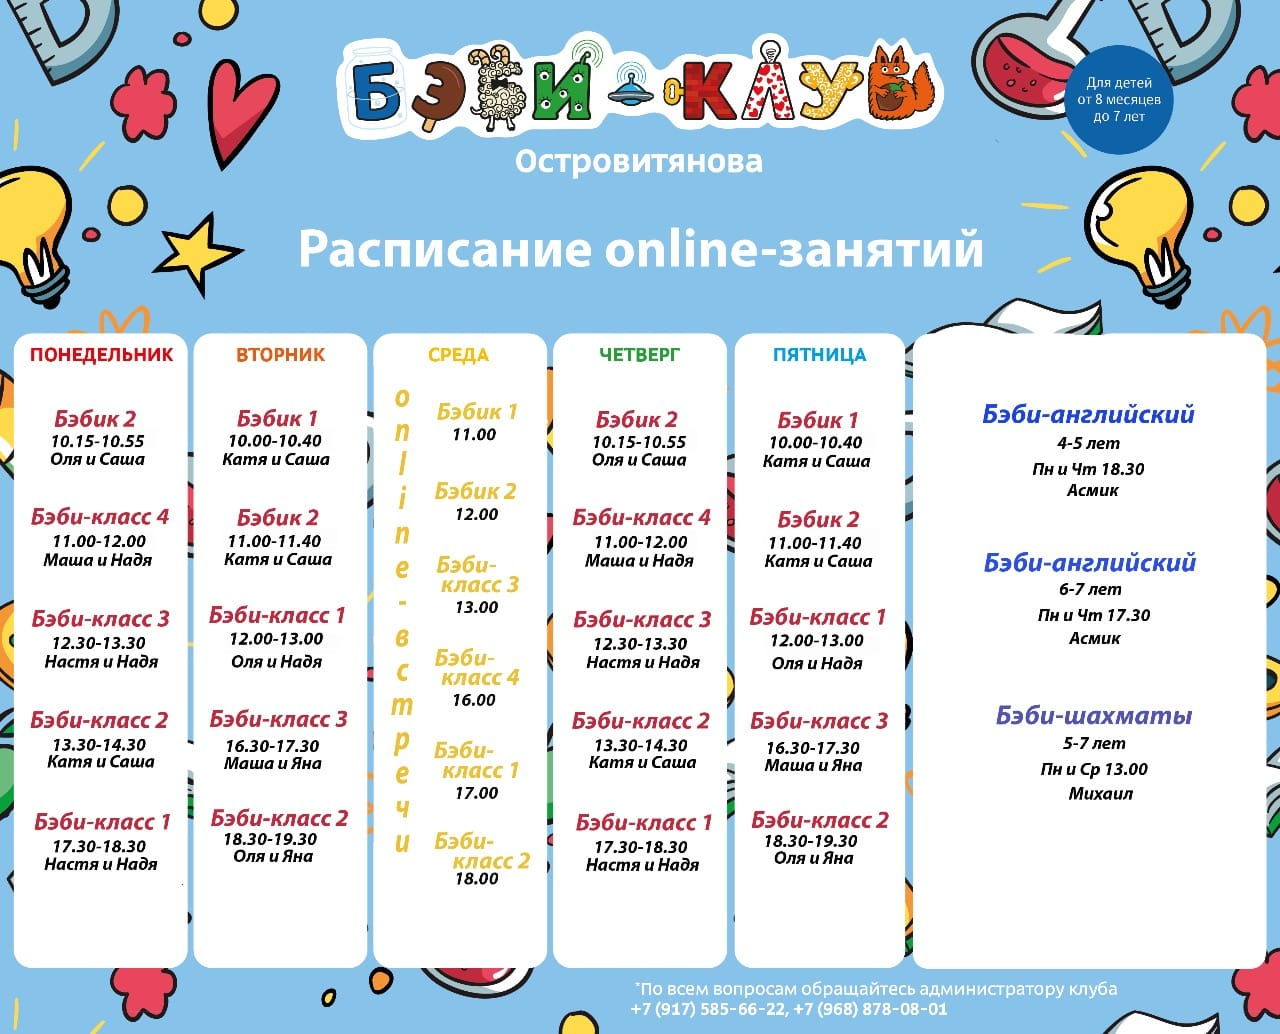 Бэби клуб москва официальный сайт цены клубы wcf москва